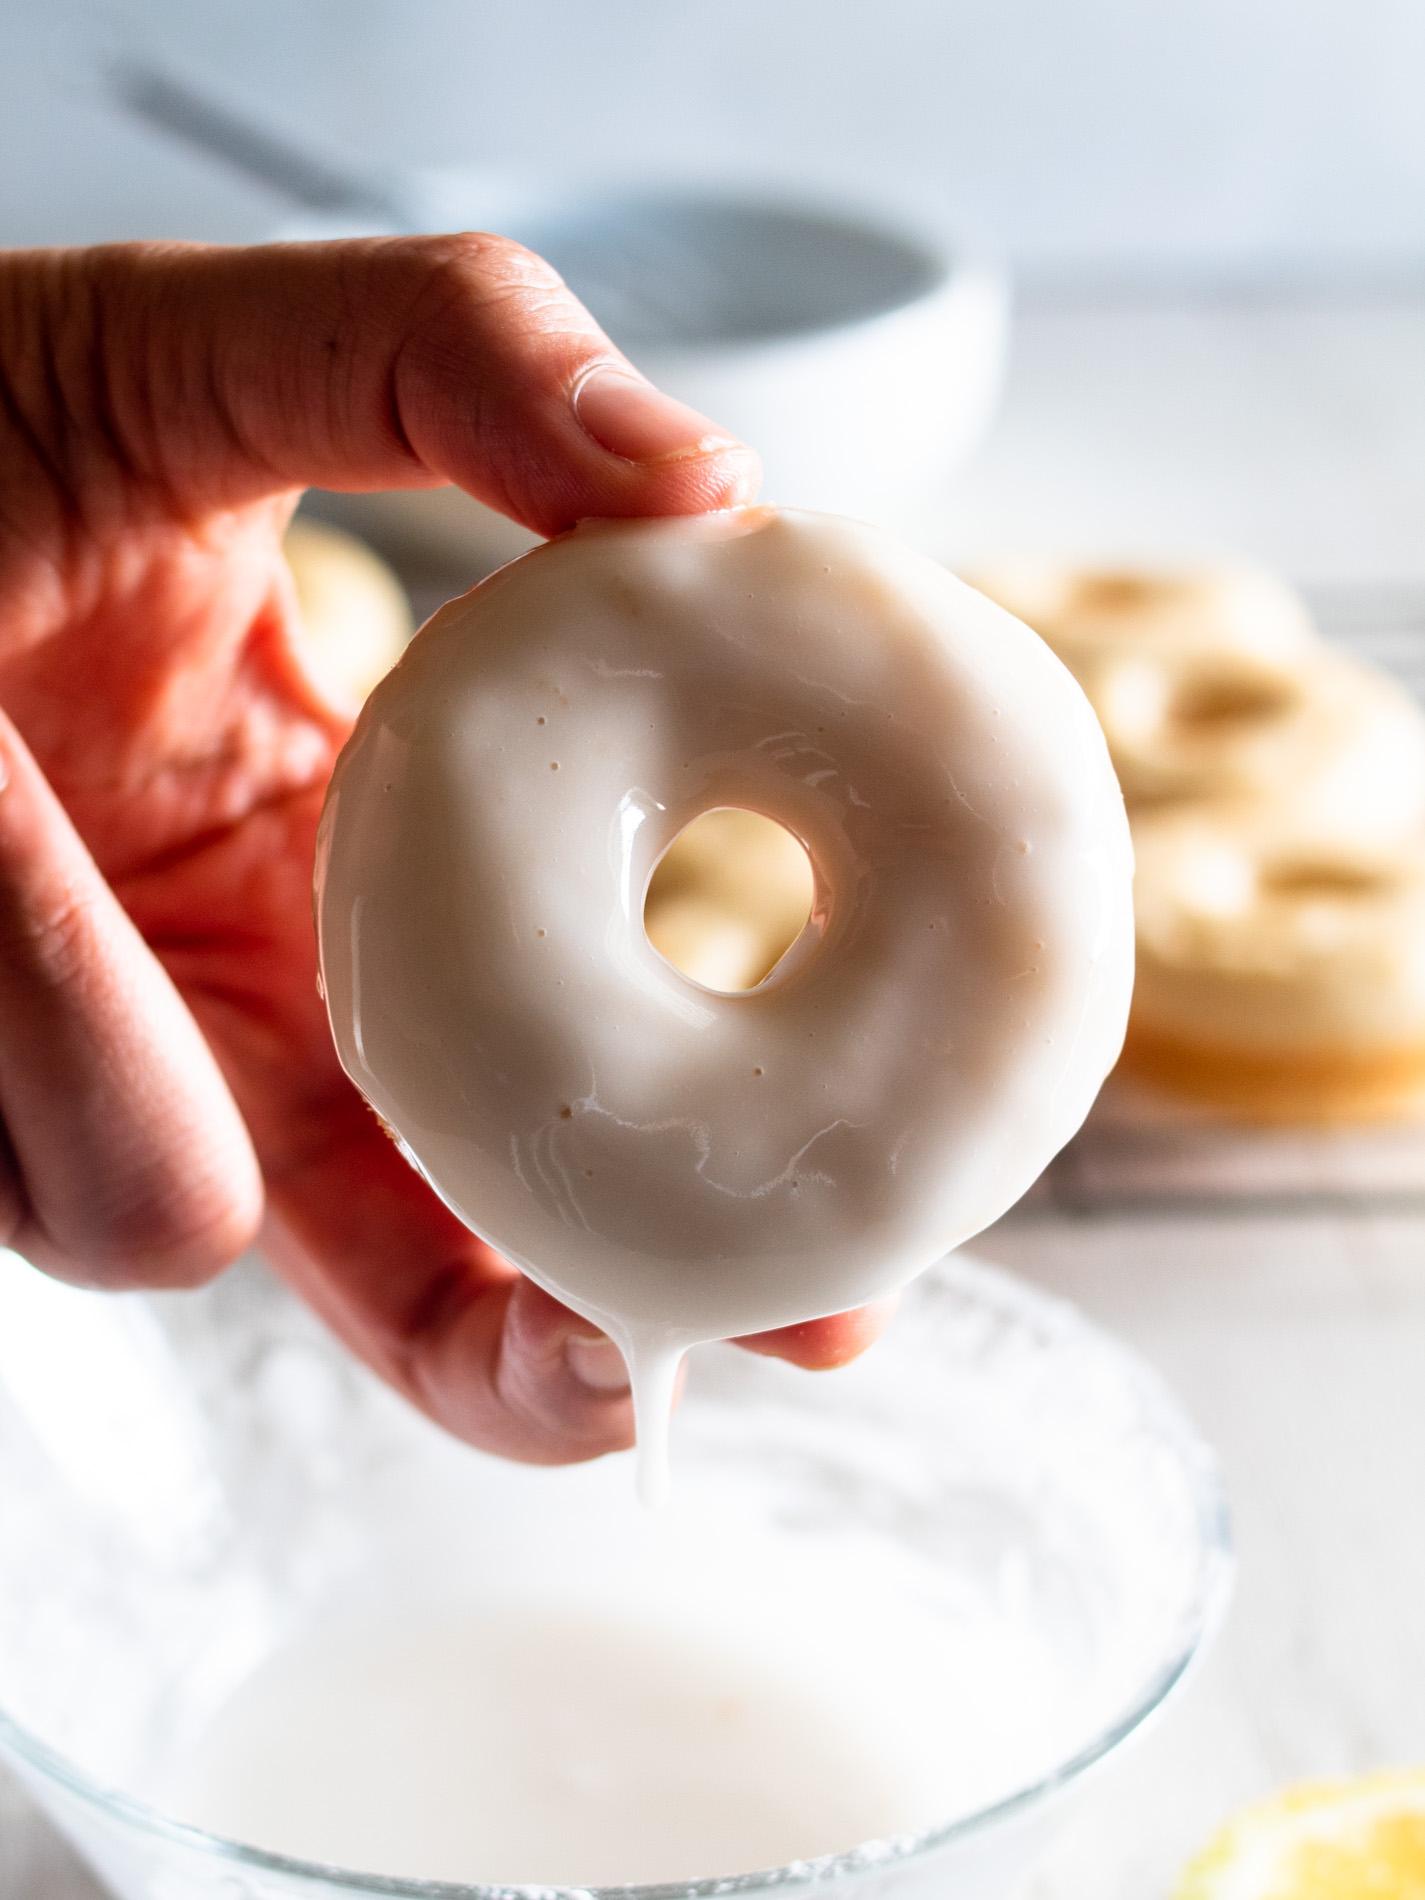 Dipped gluten free lemon glazed donut